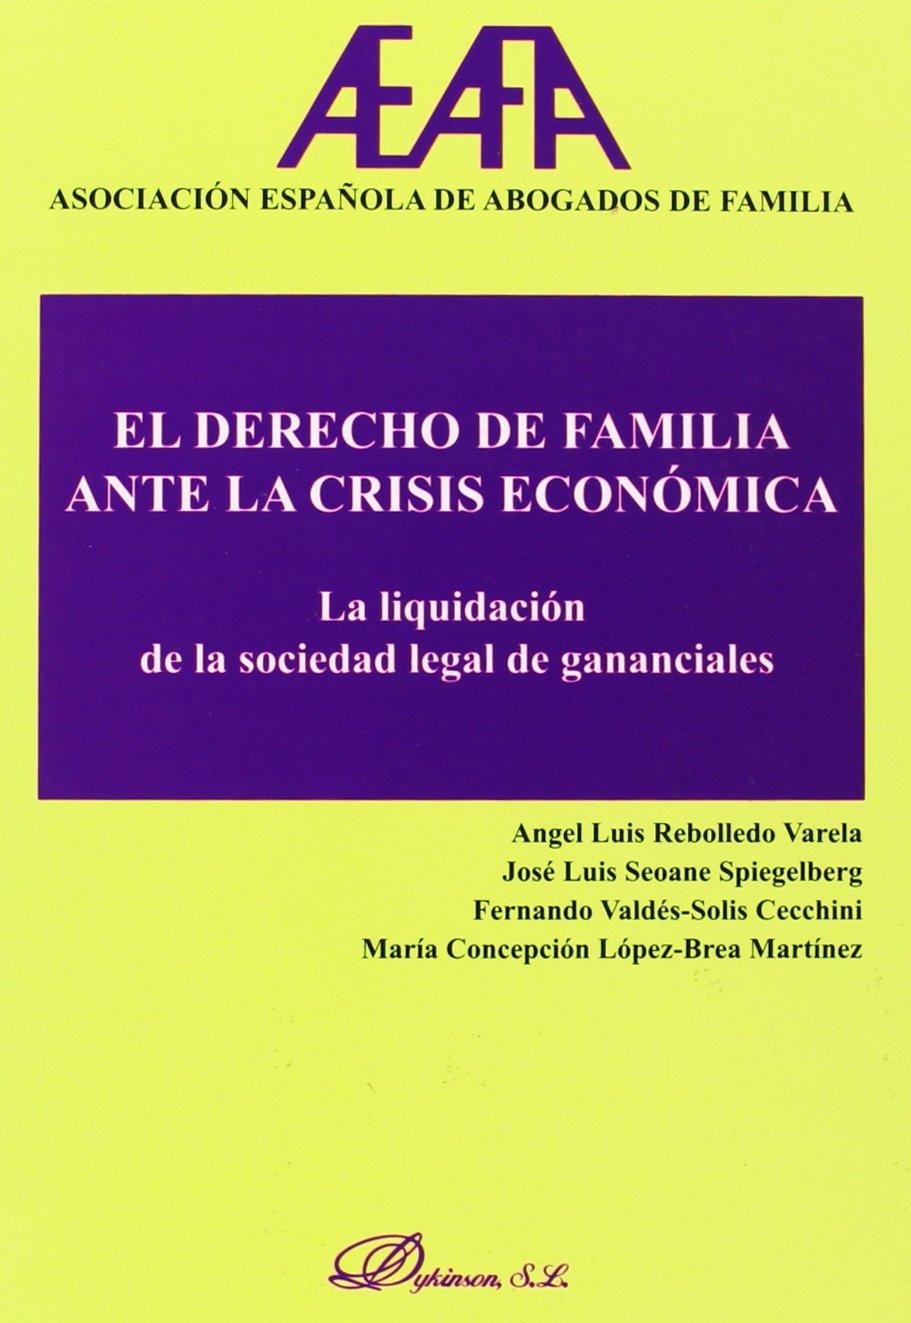 El derecho de familia ante la crisis económica. La liquidación de la sociedad de gananciales: Amazon.es: Asociación Española de Abogados de Familia: Libros